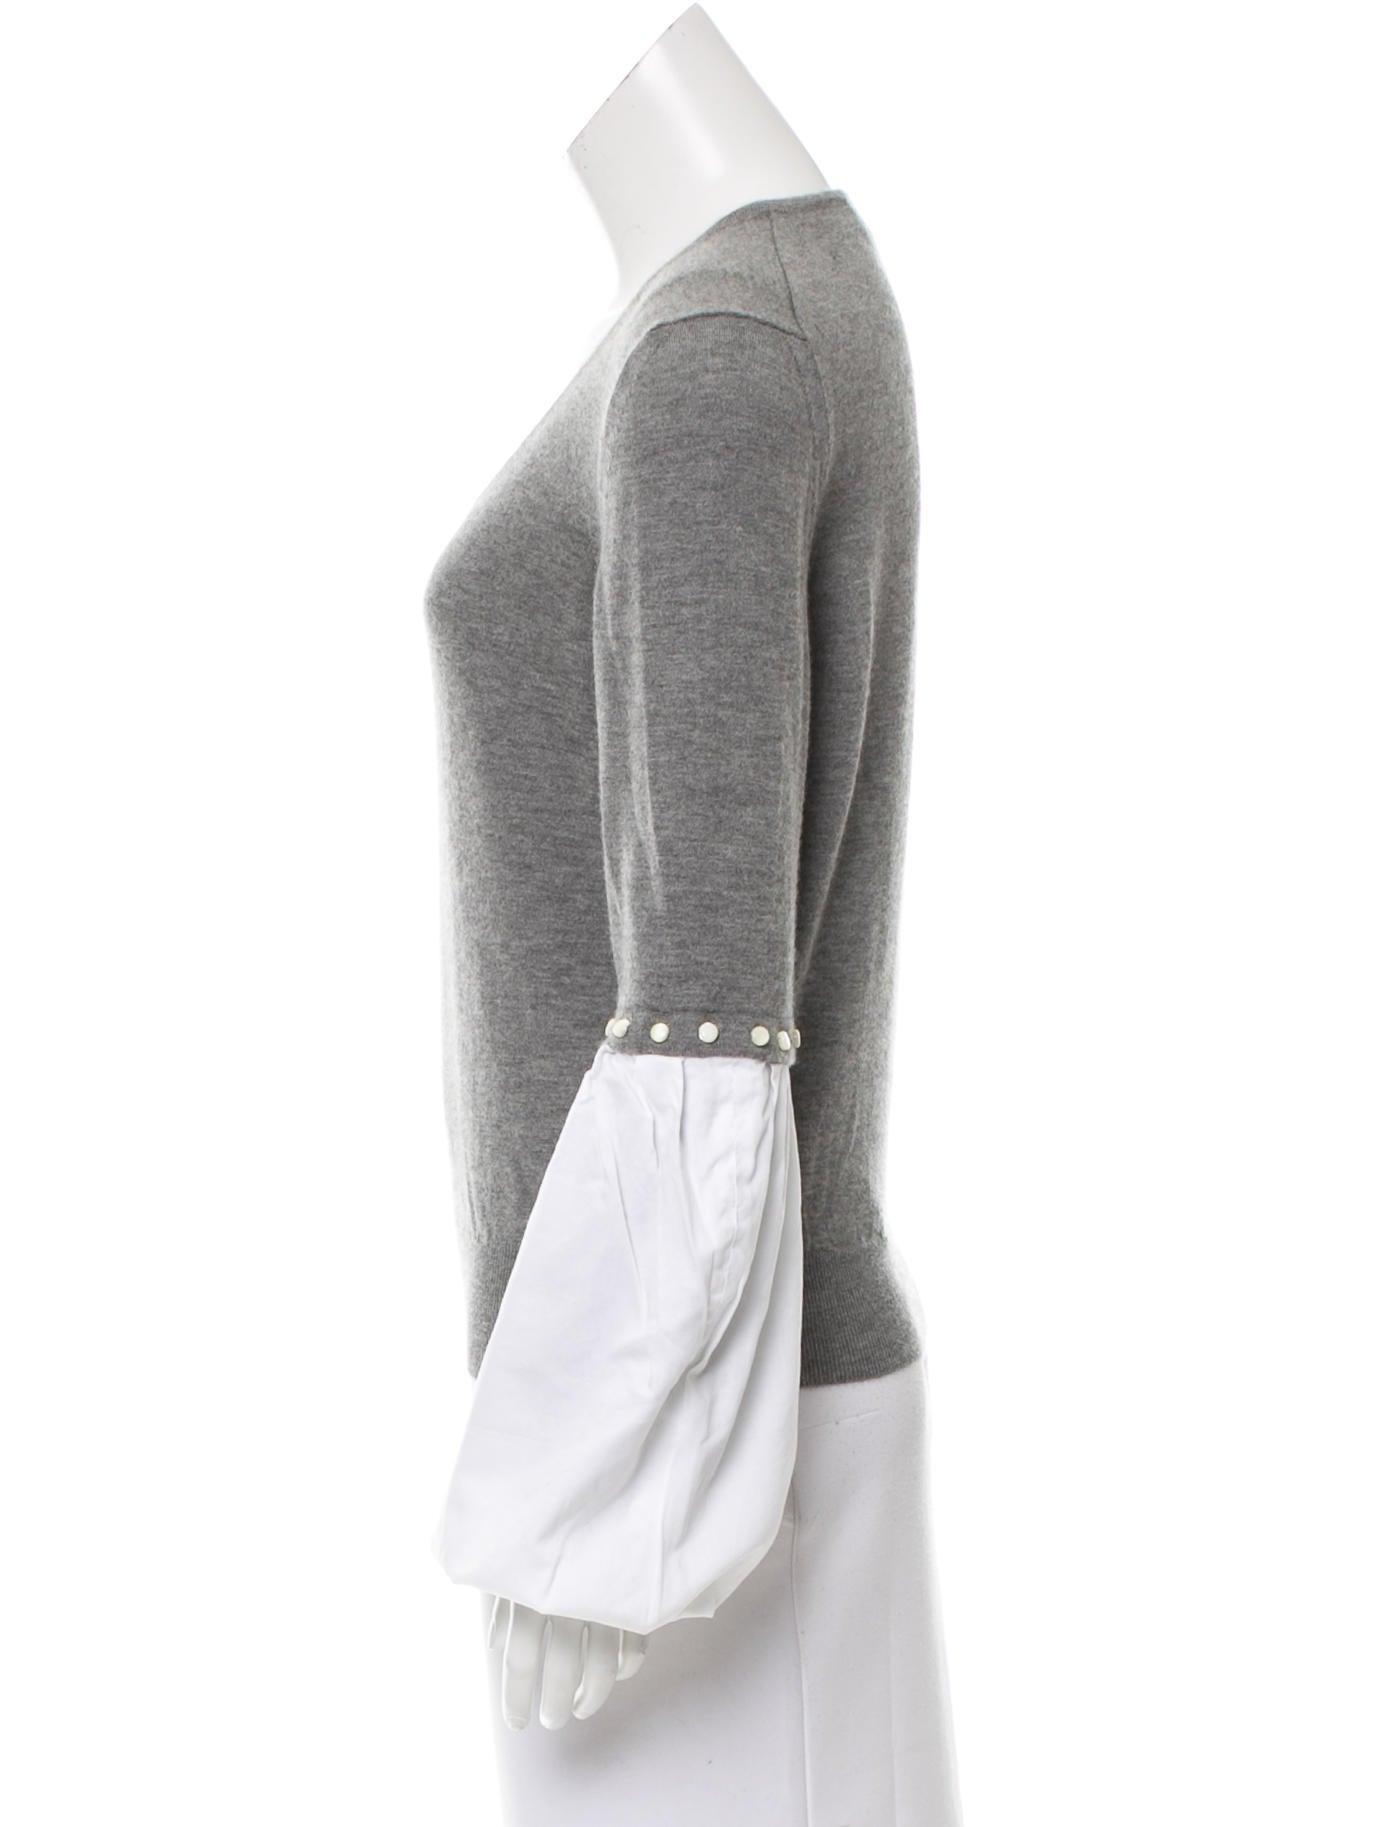 cb790a1f07 Yves Saint Laurent Sweatshirt